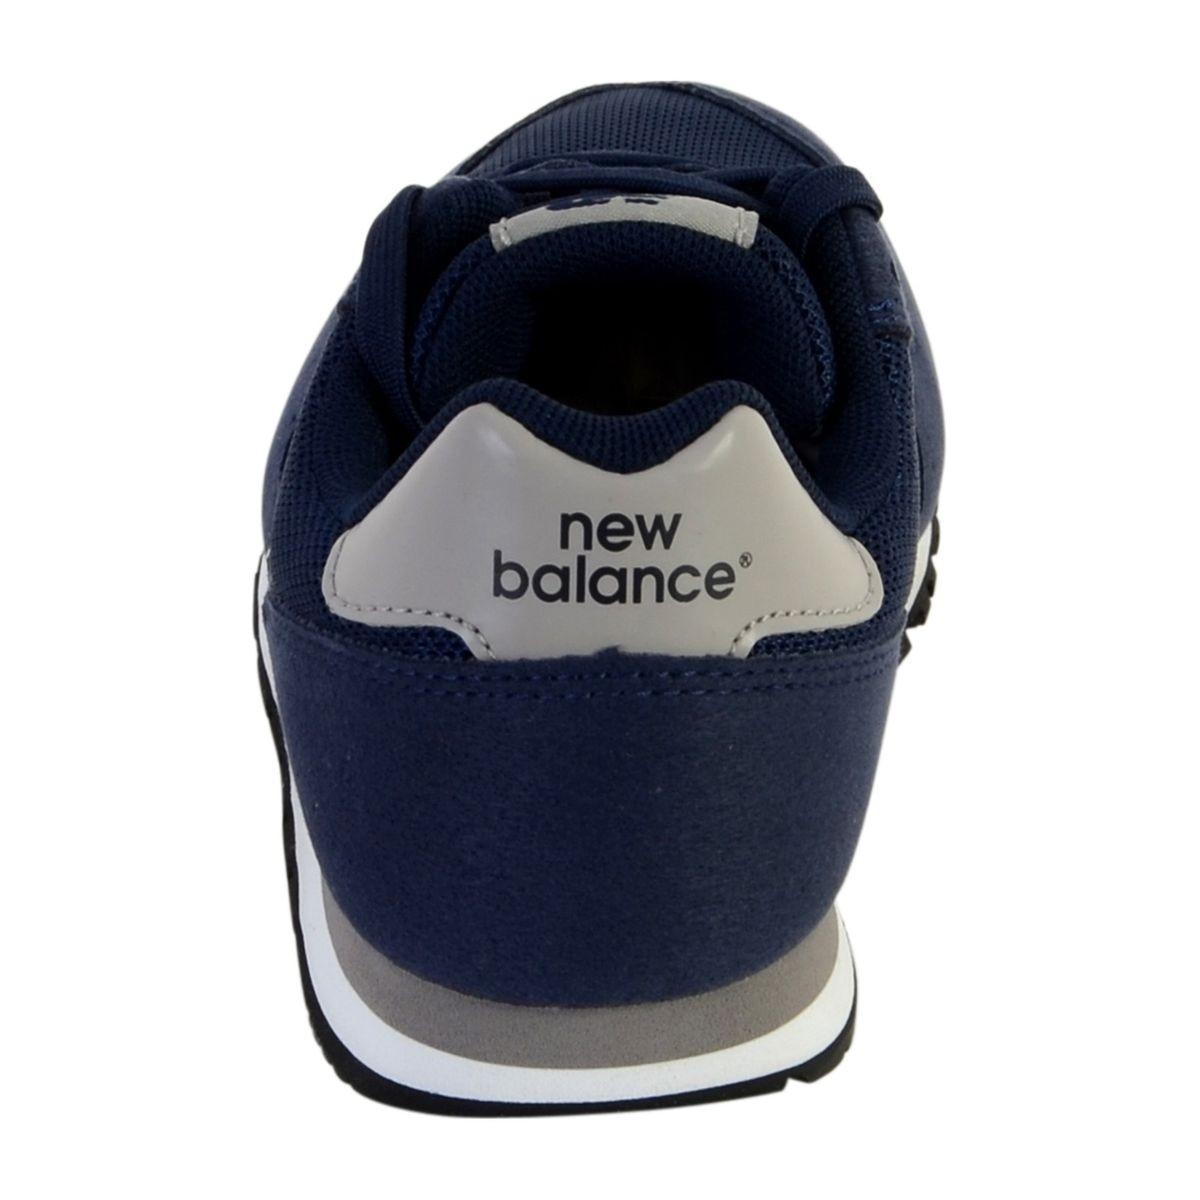 new balance bleu marine enfant